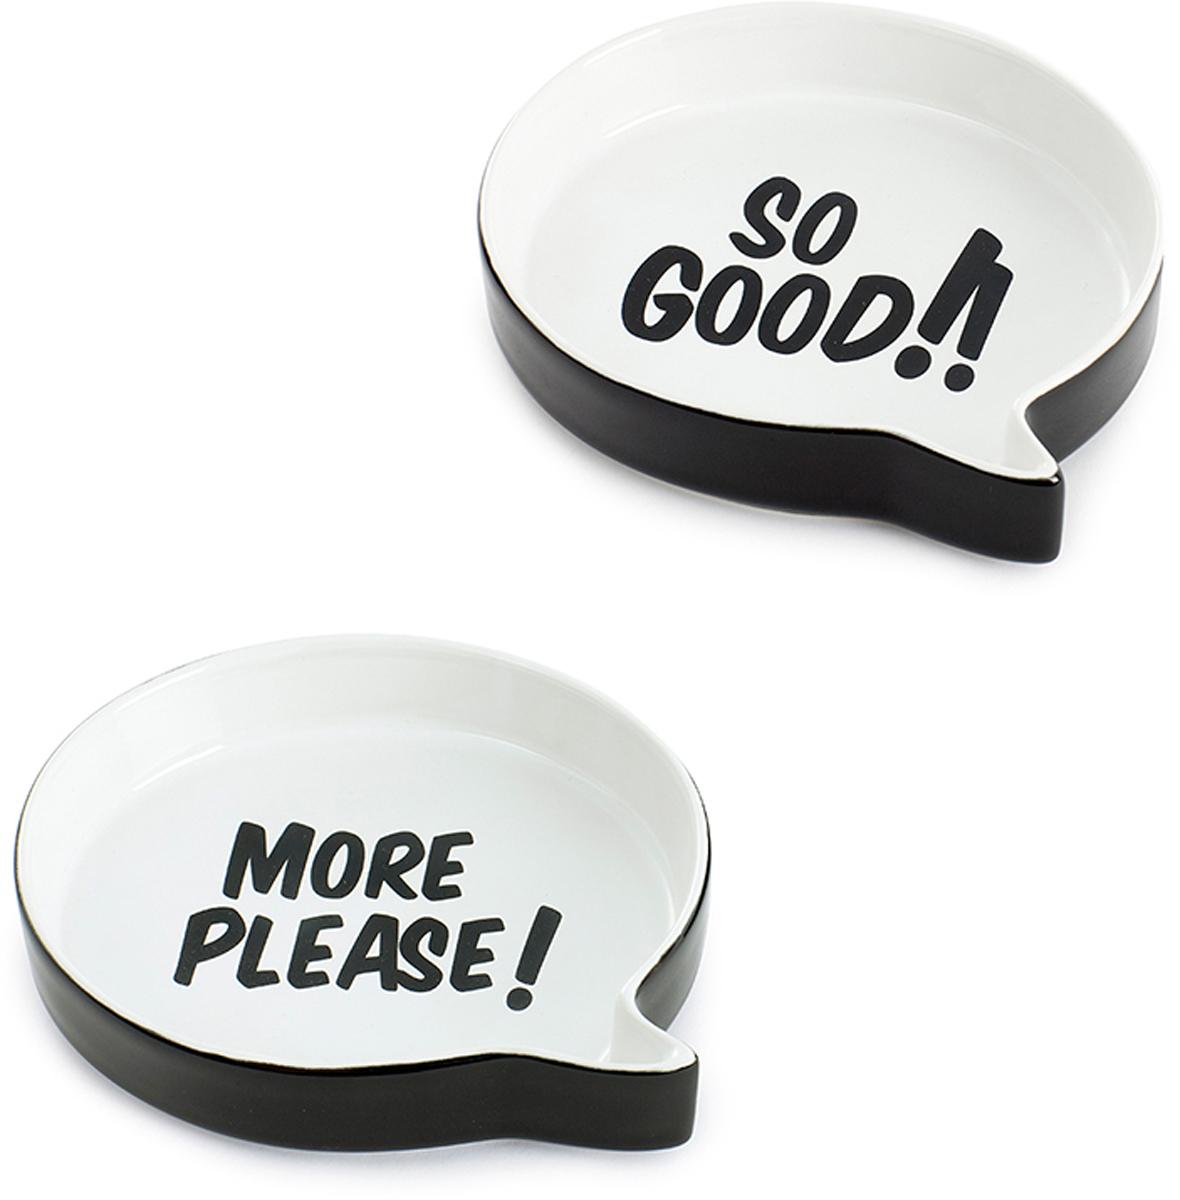 """Если вы хотите поднять настроение своим гостям, то удивите их самыми веселыми емкостями для снеков и закусок Talking Bubbles. В наборе  идут два блюда для закусок, выполненных в виде диалогового облака, на дне которого написаны забавные фразы - """"So Good!"""" (Очень вкусно!) и  """"More please!"""" (Добавки, пожалуйста!). Изделия специально предназначены для подачи снеков и закусок, которые будут смотреться внутри  емкостей невероятно аппетитно и оригинально. После того, как закуски будут съедены, гости порадуются оригинальным надписям на дне блюда.  Поднимите настроение себе и своим близким с помощью набора Talking Bubbles. - Необычный дизайн в форме диалоговых облаков - Набор состоит из двух блюд, изготовленных из качественной керамики - Прекрасное дополнение любого праздника"""